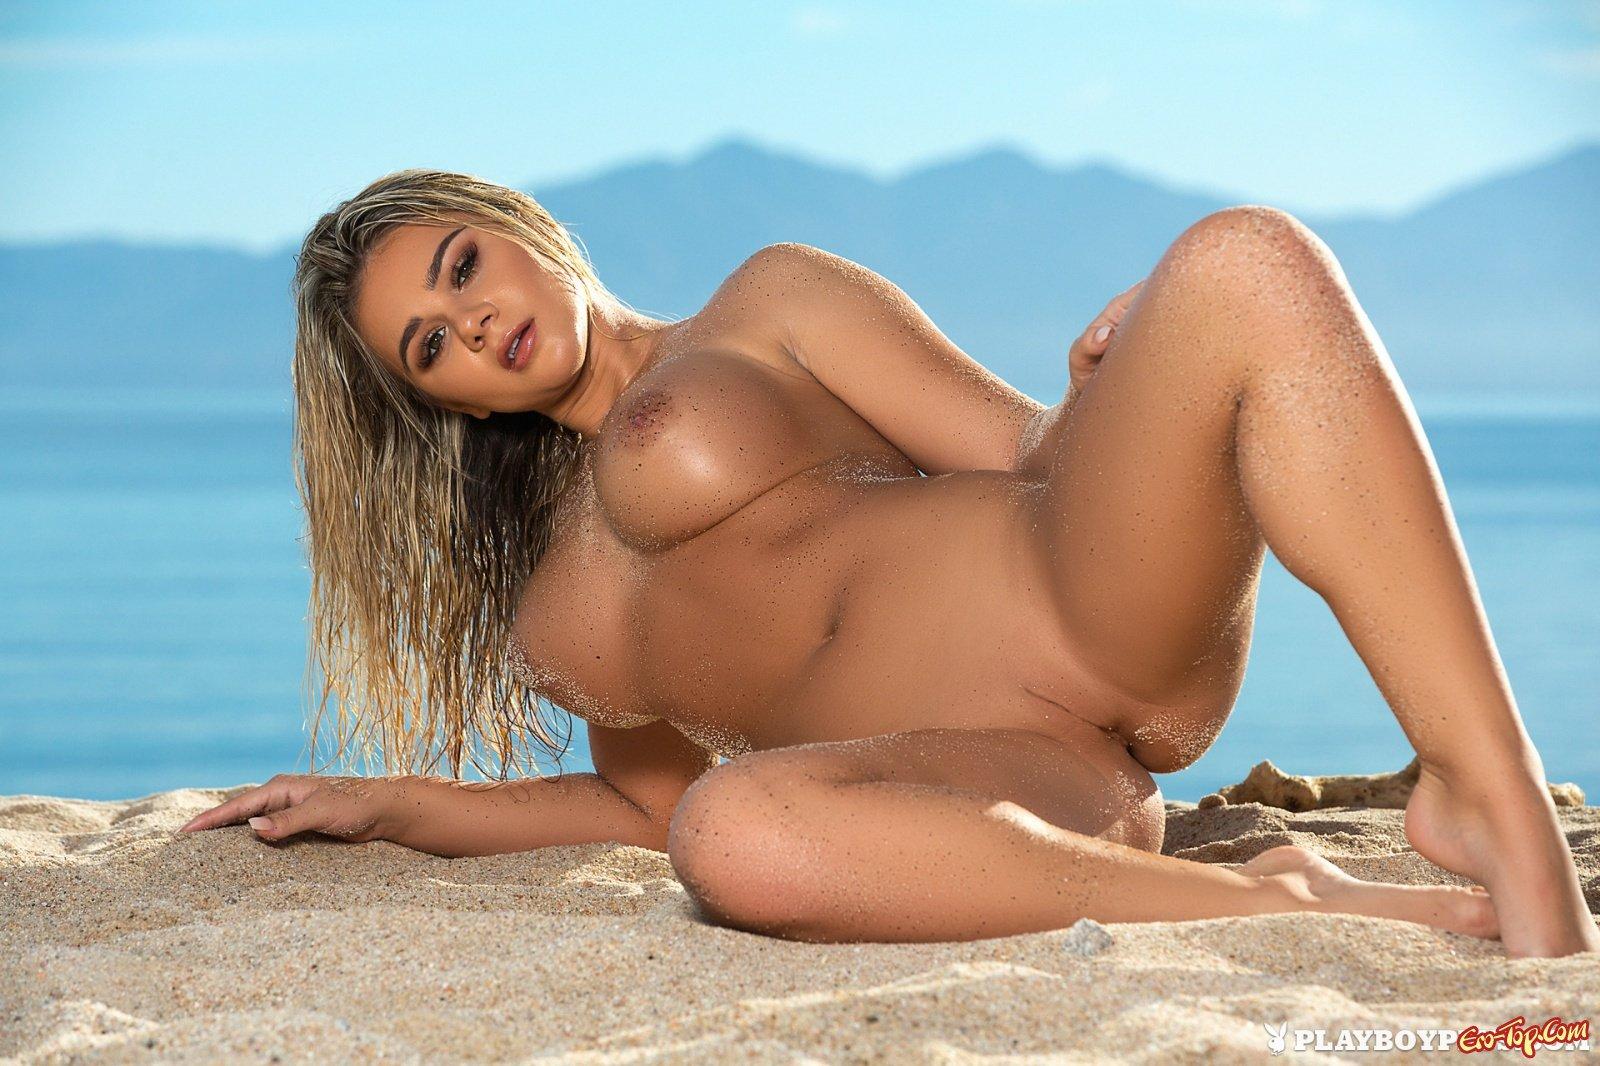 Пляжная фотосессия красивой секс модели